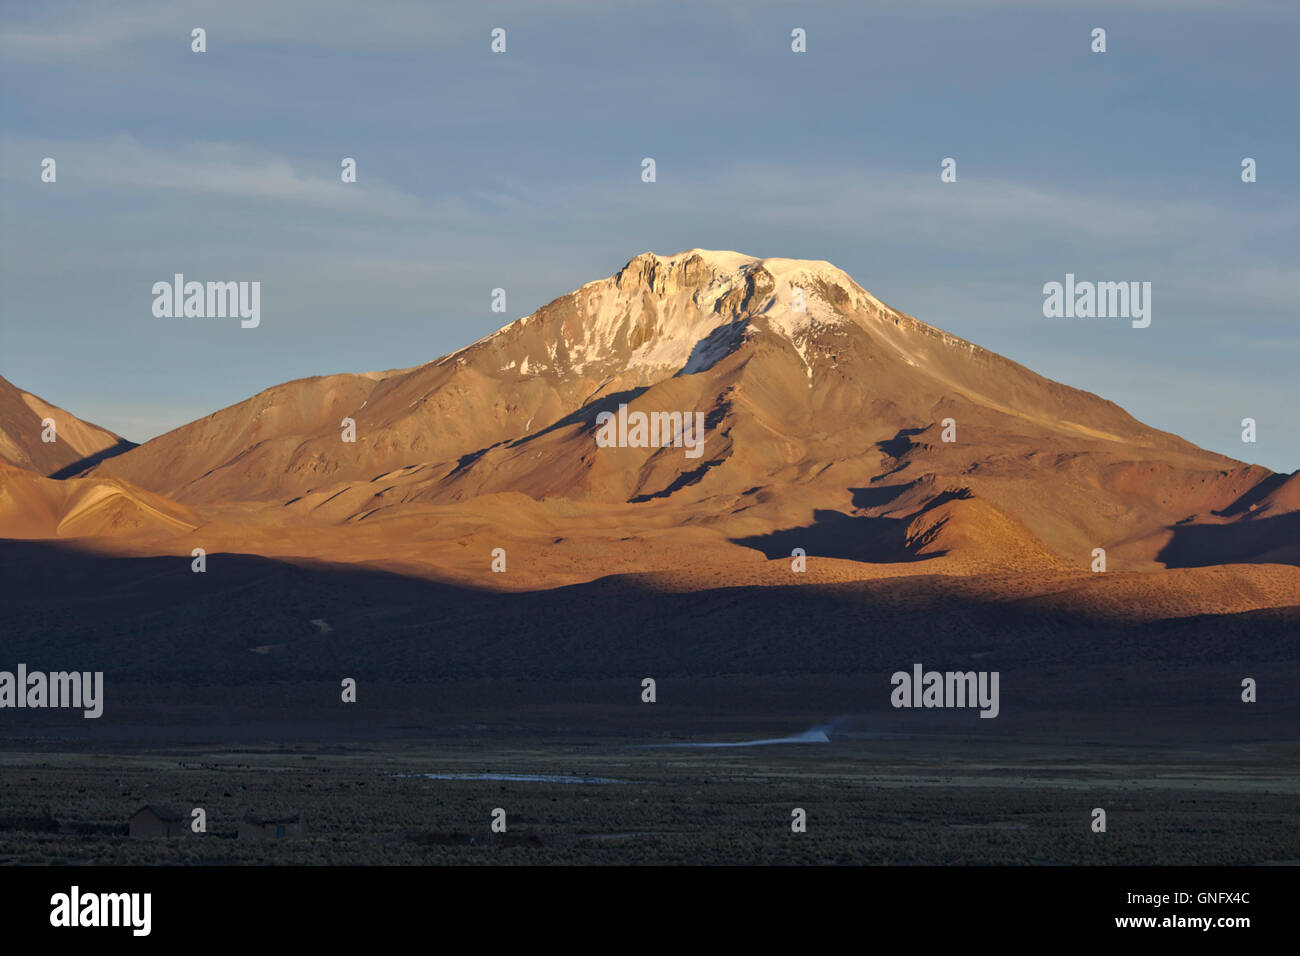 Pomerape stratovolcano from Sajama National Park, morning light, Bolivia - Stock Image